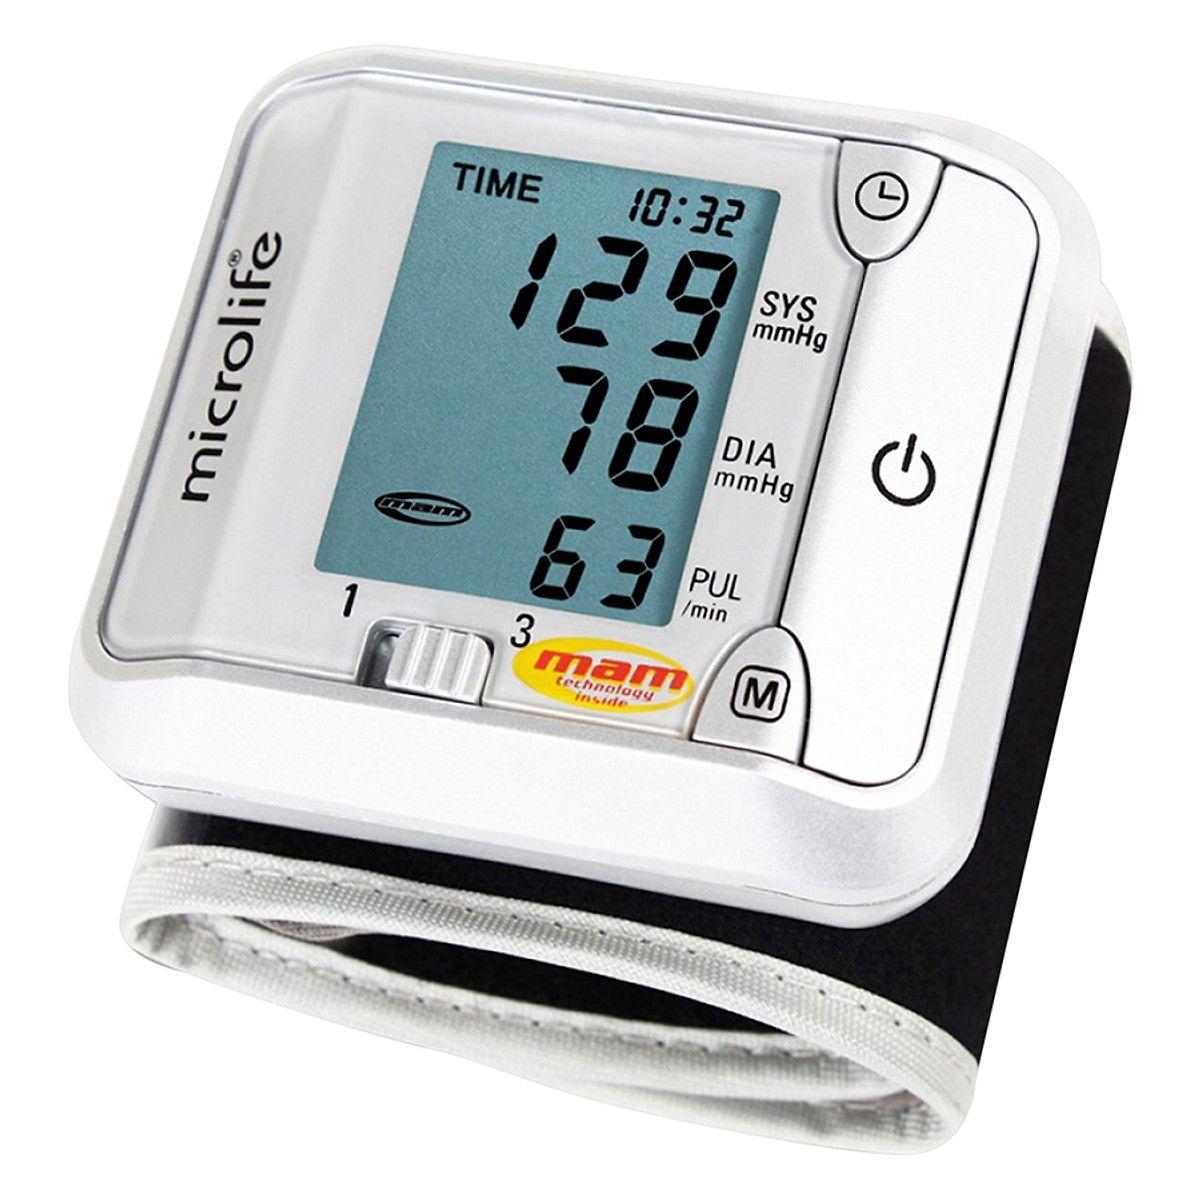 Máy đo huyết áp cổ tay Microlife 3BJ1 - 4D 2